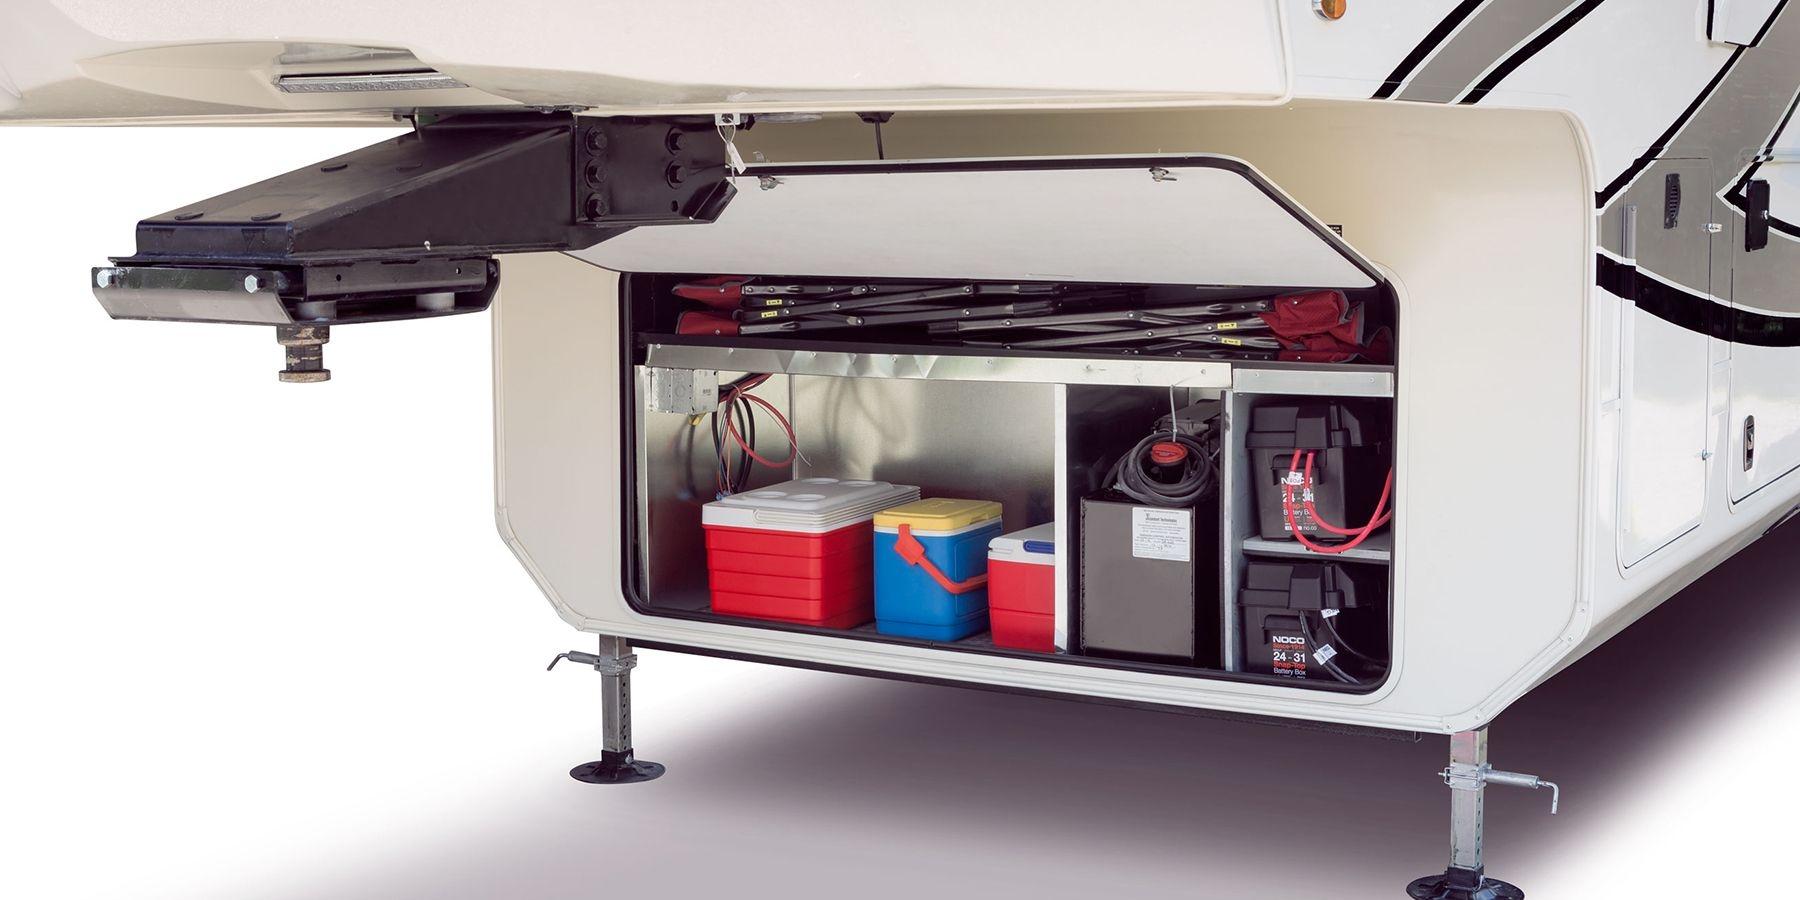 Fifth Wheel Rv Basement Storage Ideas Fifth Wheel Rv Basement Storage Ideas 2017 pinnacle luxury fifth wheel jayco inc 1800 X 900